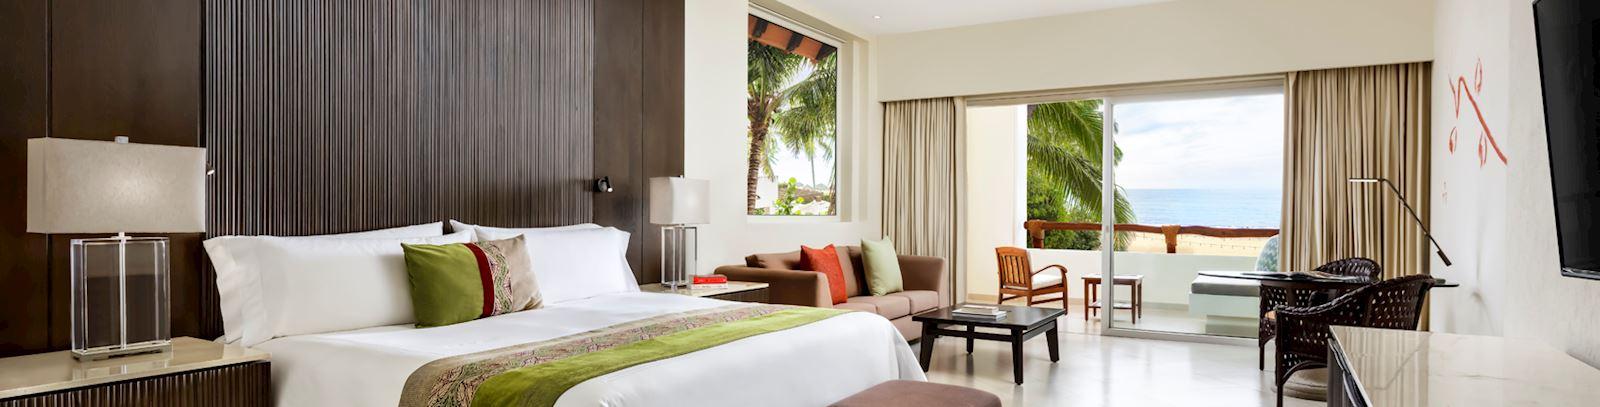 Master Suite Frente al Mar en Grand Velas Riviera Nayarit